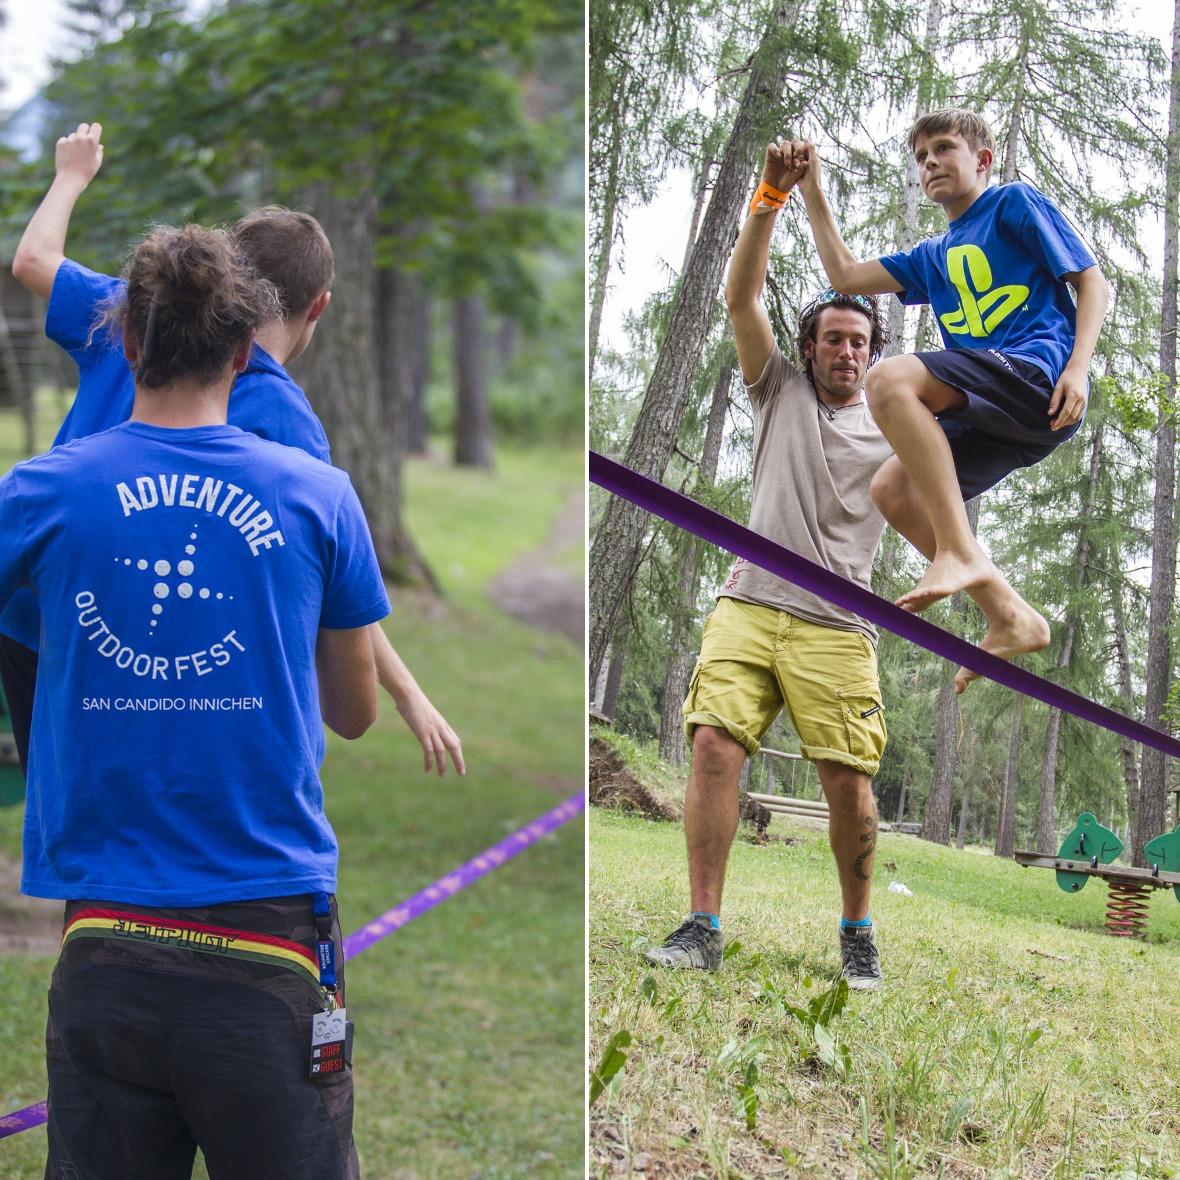 attività per bambini Adventure outdoor festival